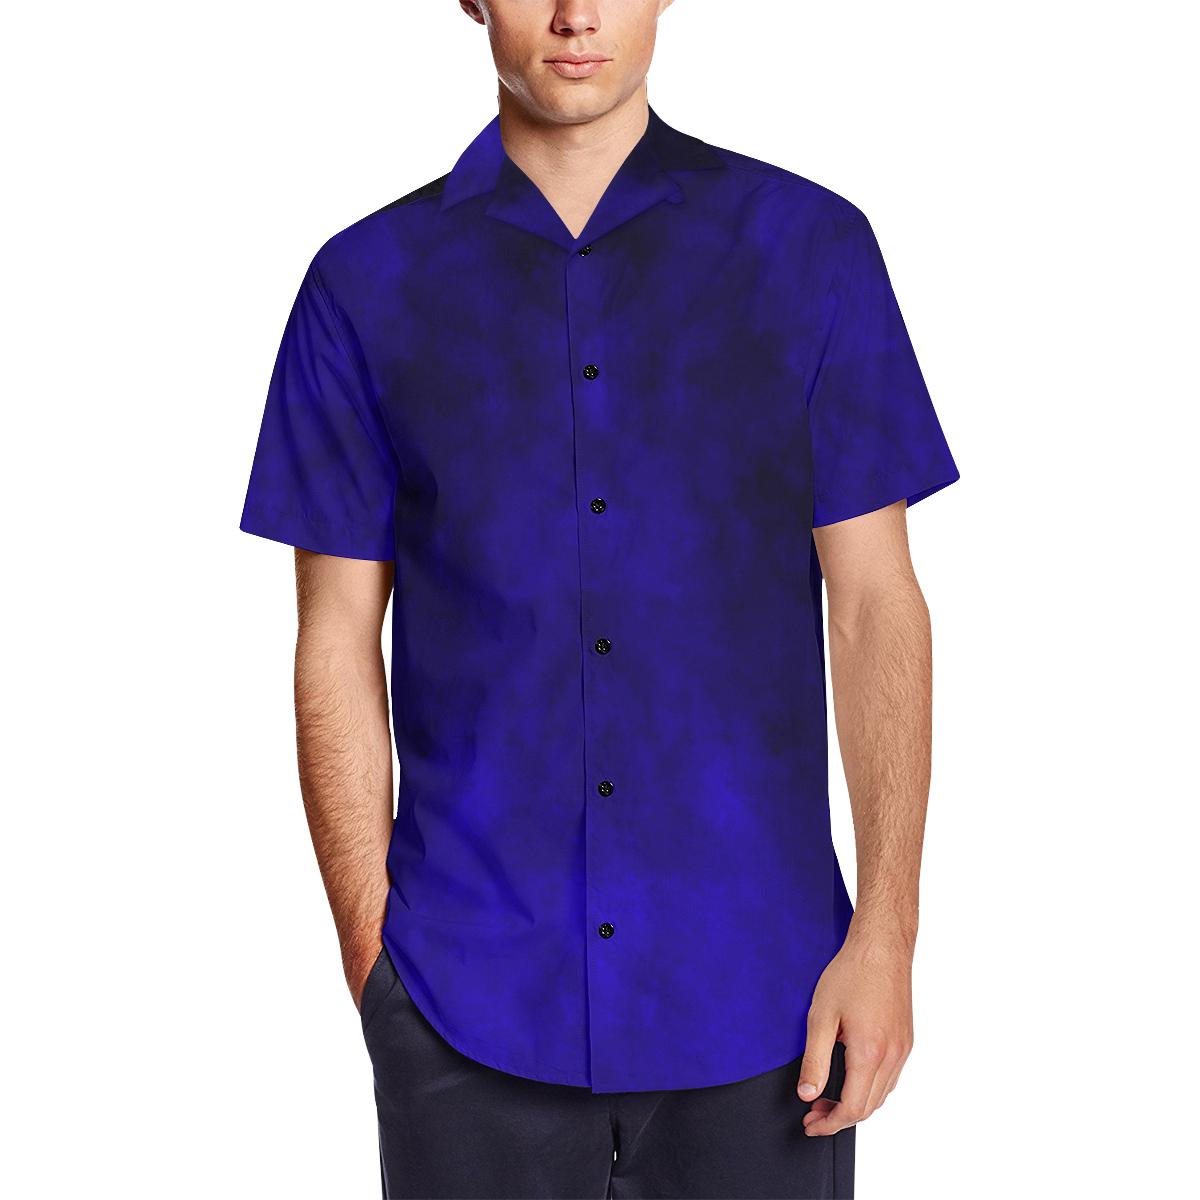 Midnight Blue Watercolor Silk Dress Shirt Mens Short Sleeve Shirt